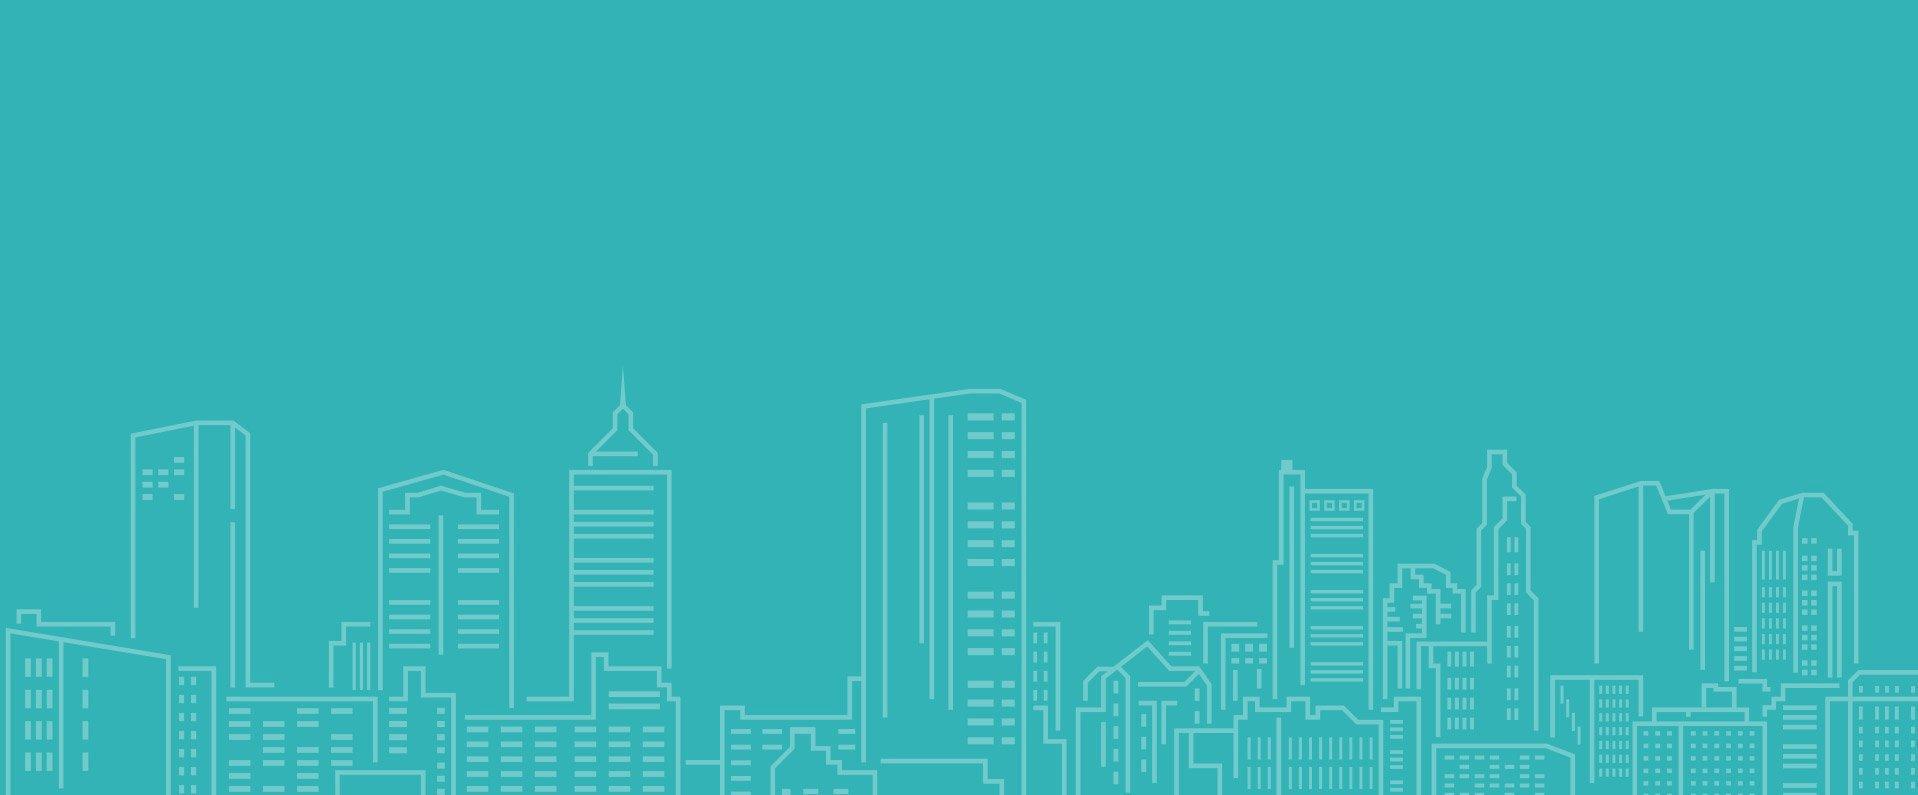 ZippyShell Buildings Background Image